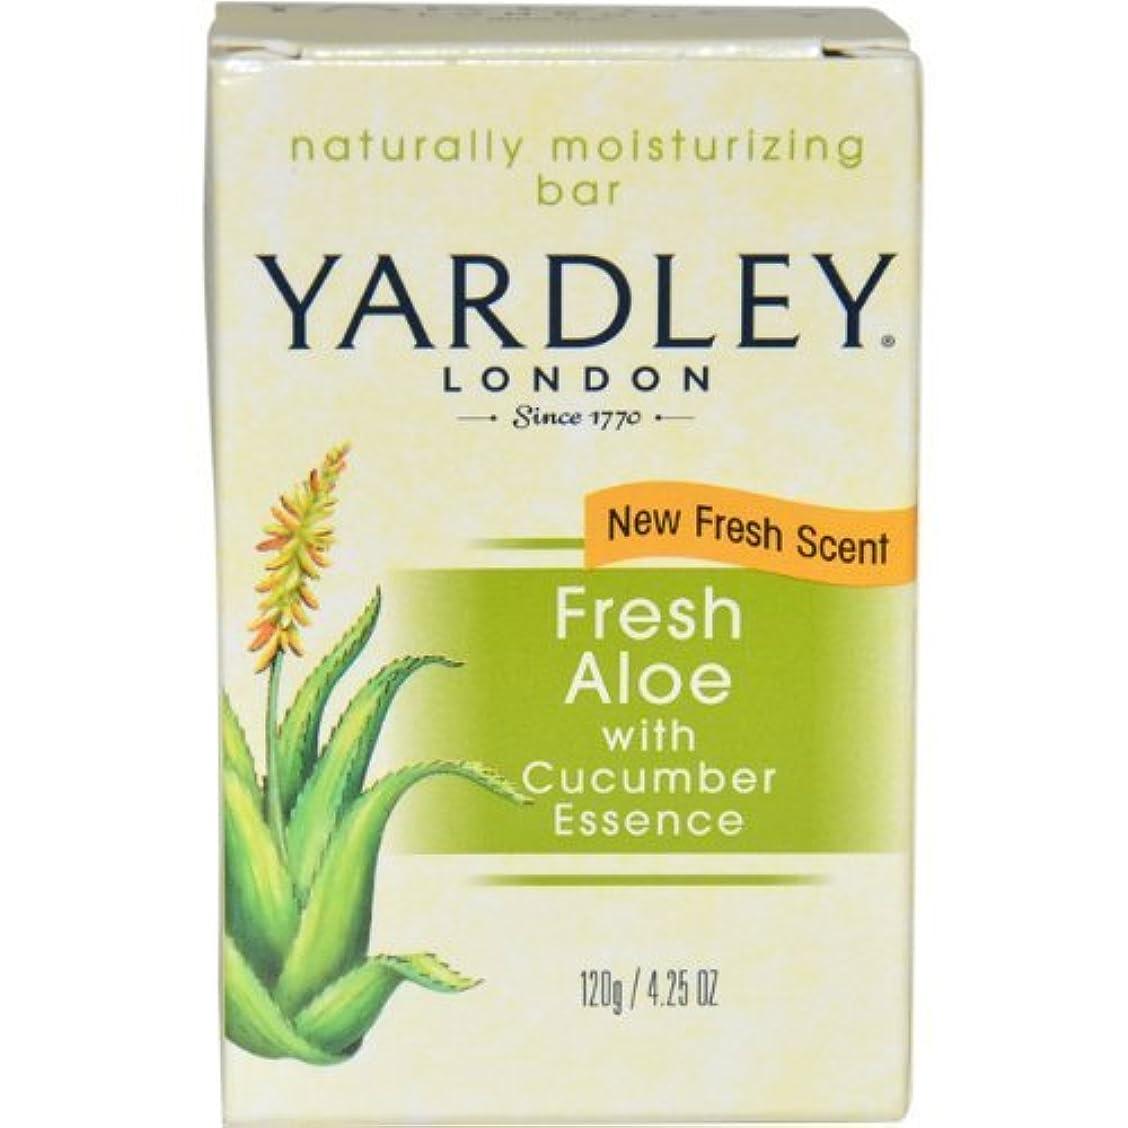 風刺確認してください固体Fresh Aloe with Cucumber Essence Bar Soap Soap Unisex by Yardley, 4.25 Ounce (Packaging May Vary) by Yardley [並行輸入品]